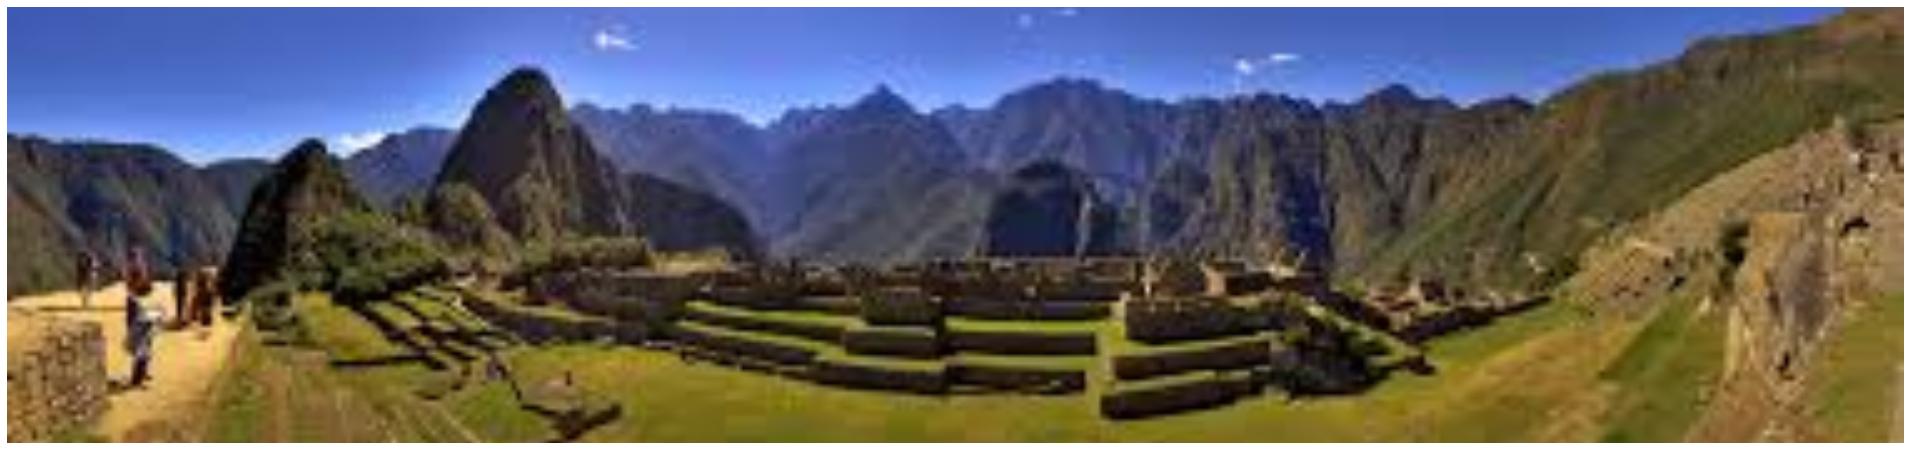 Tours a Machu Picchu por Tren 2 dias